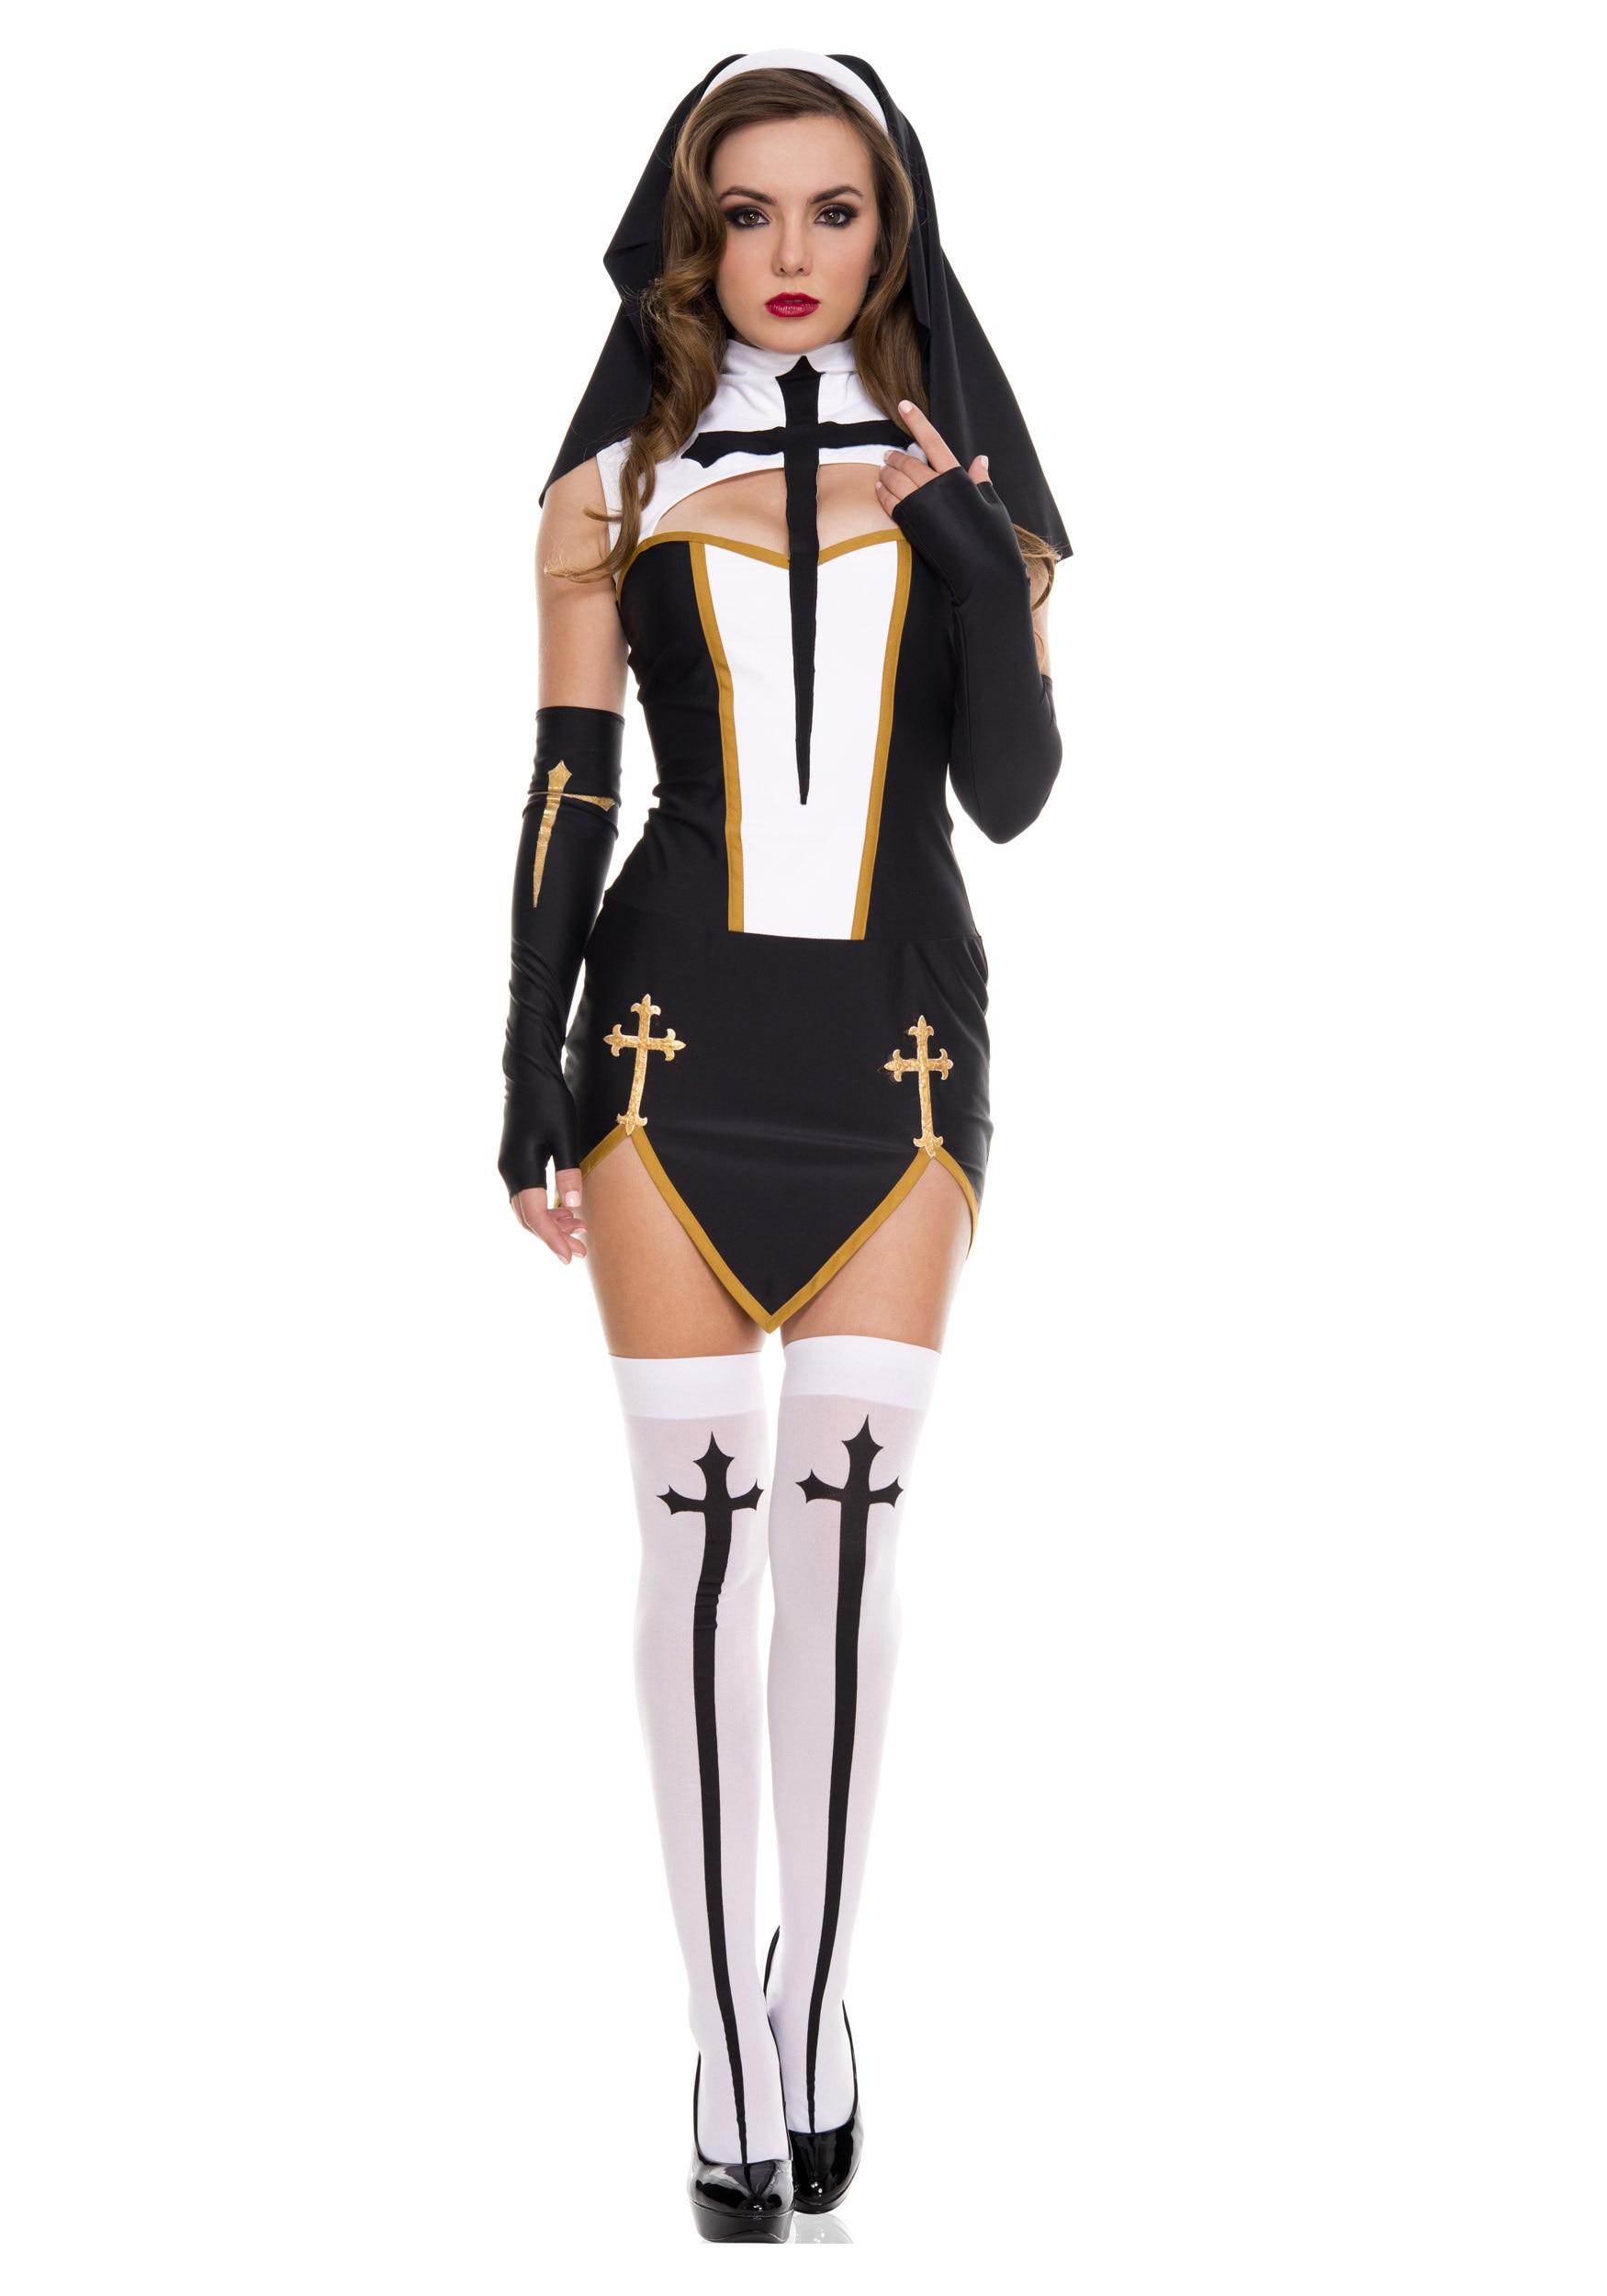 Sister Act//Hen Parties//Religious NUN HEADDRESS COLLAR /& CROSS Fancy Dress Set